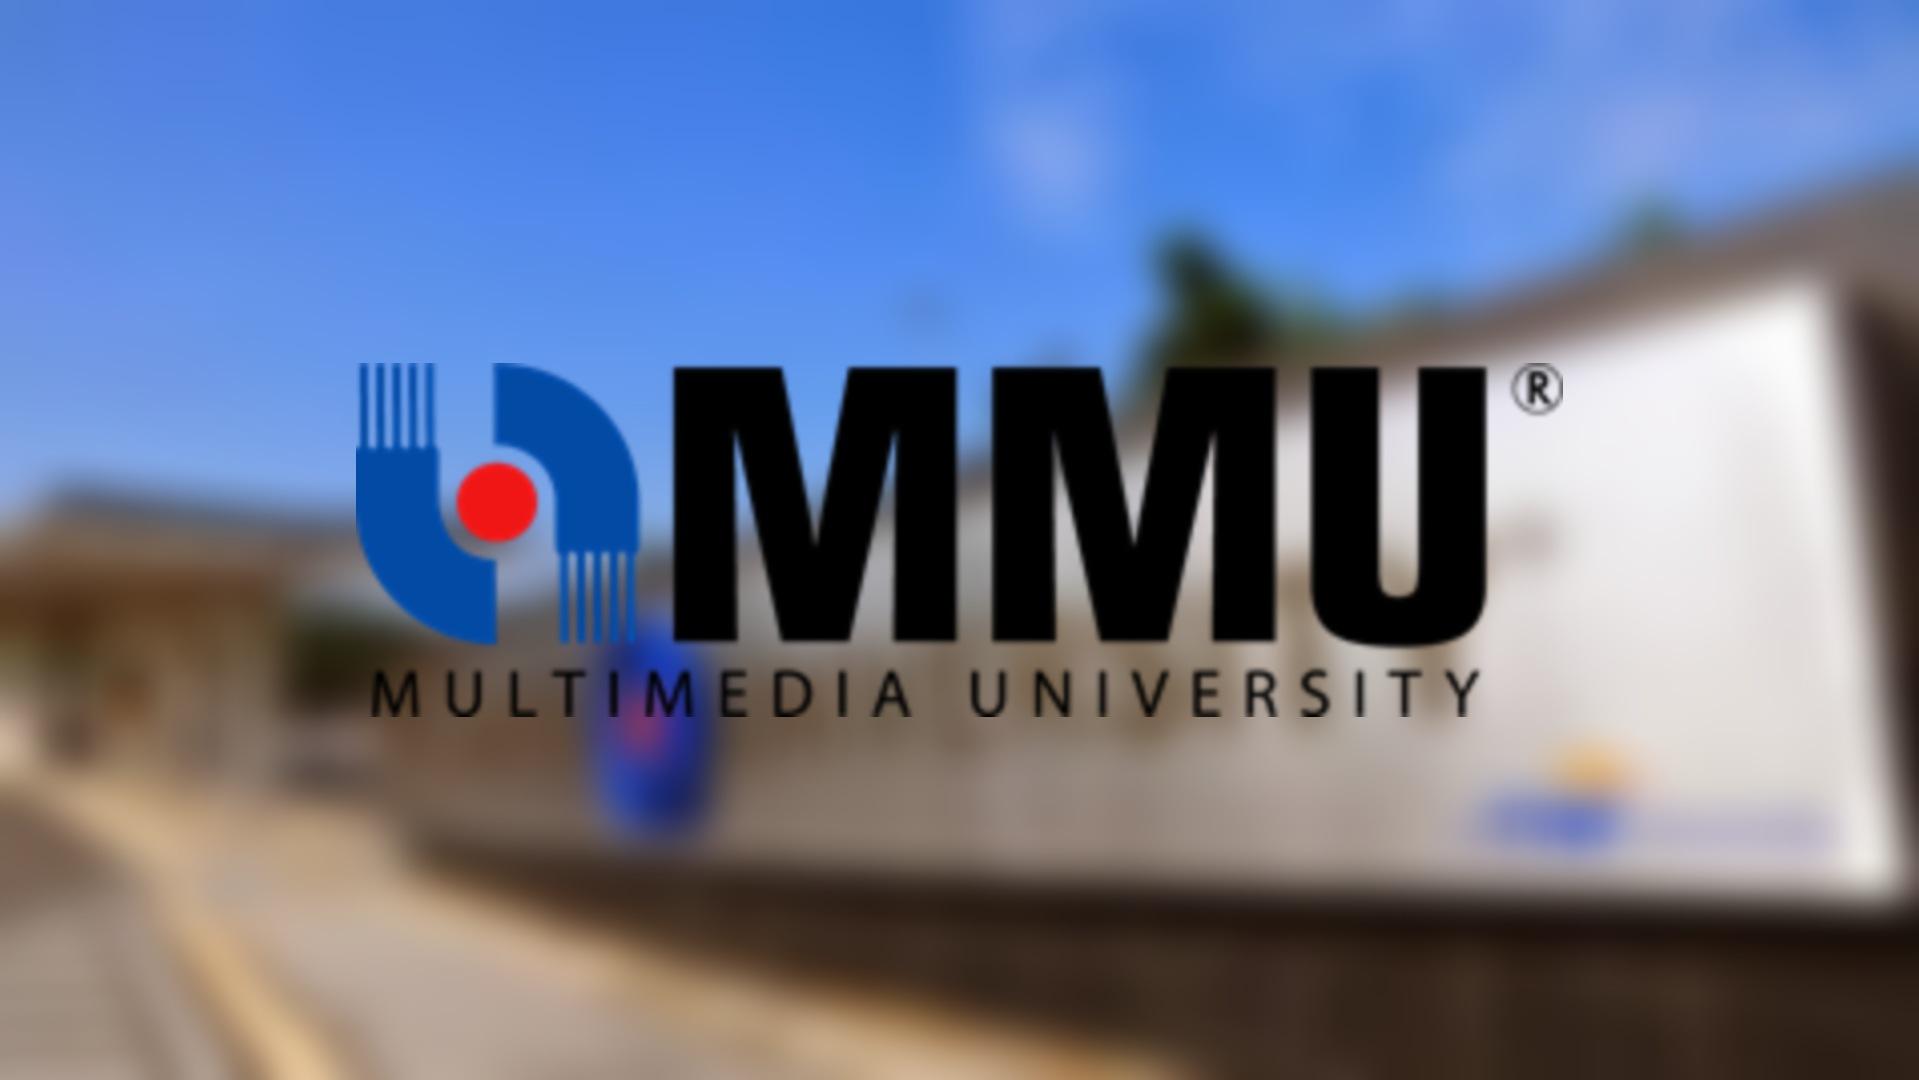 Permohonan Multimedia University 2021 Online (Semakan Keputusan)